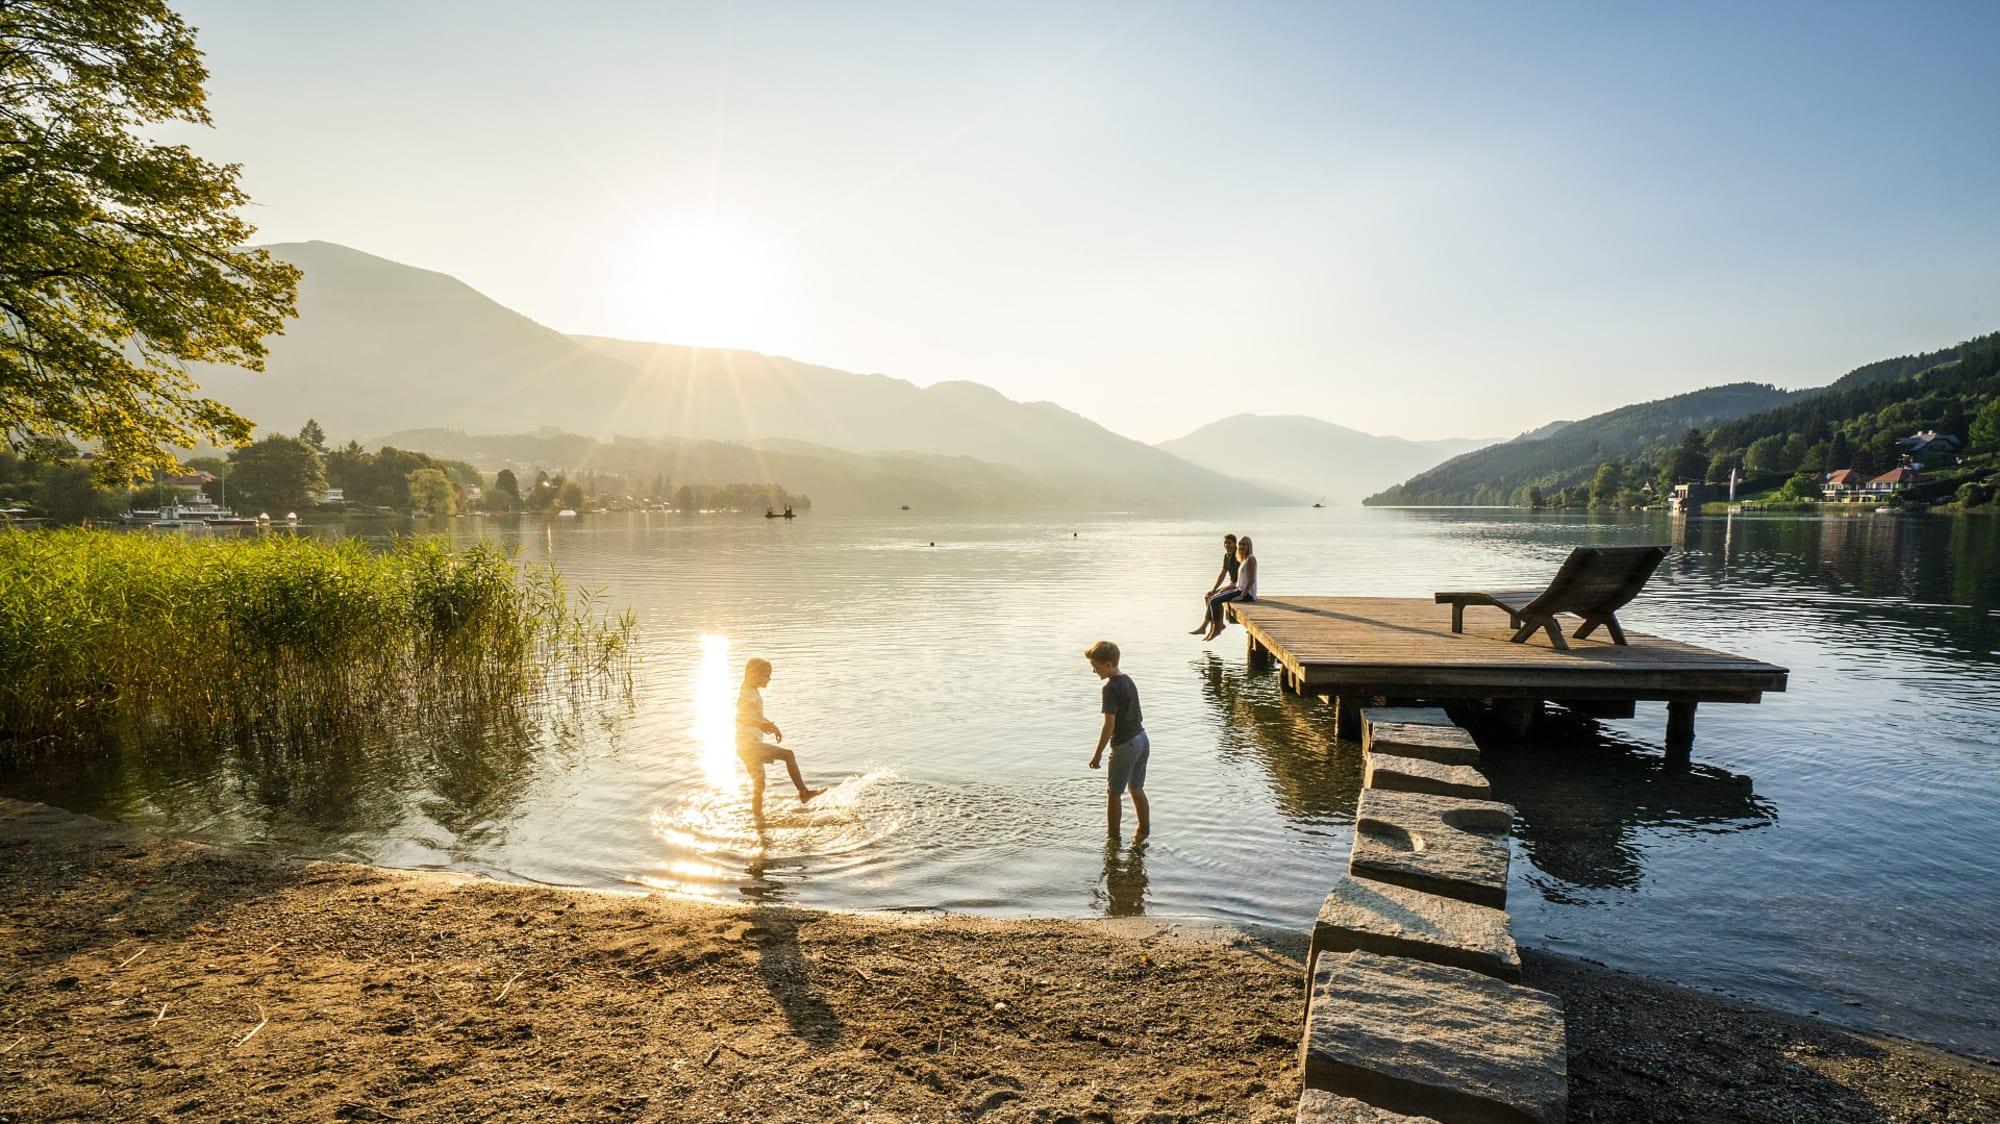 Im Juli 2020 macht man gut in Kärnten am Millstätter See Urlaub